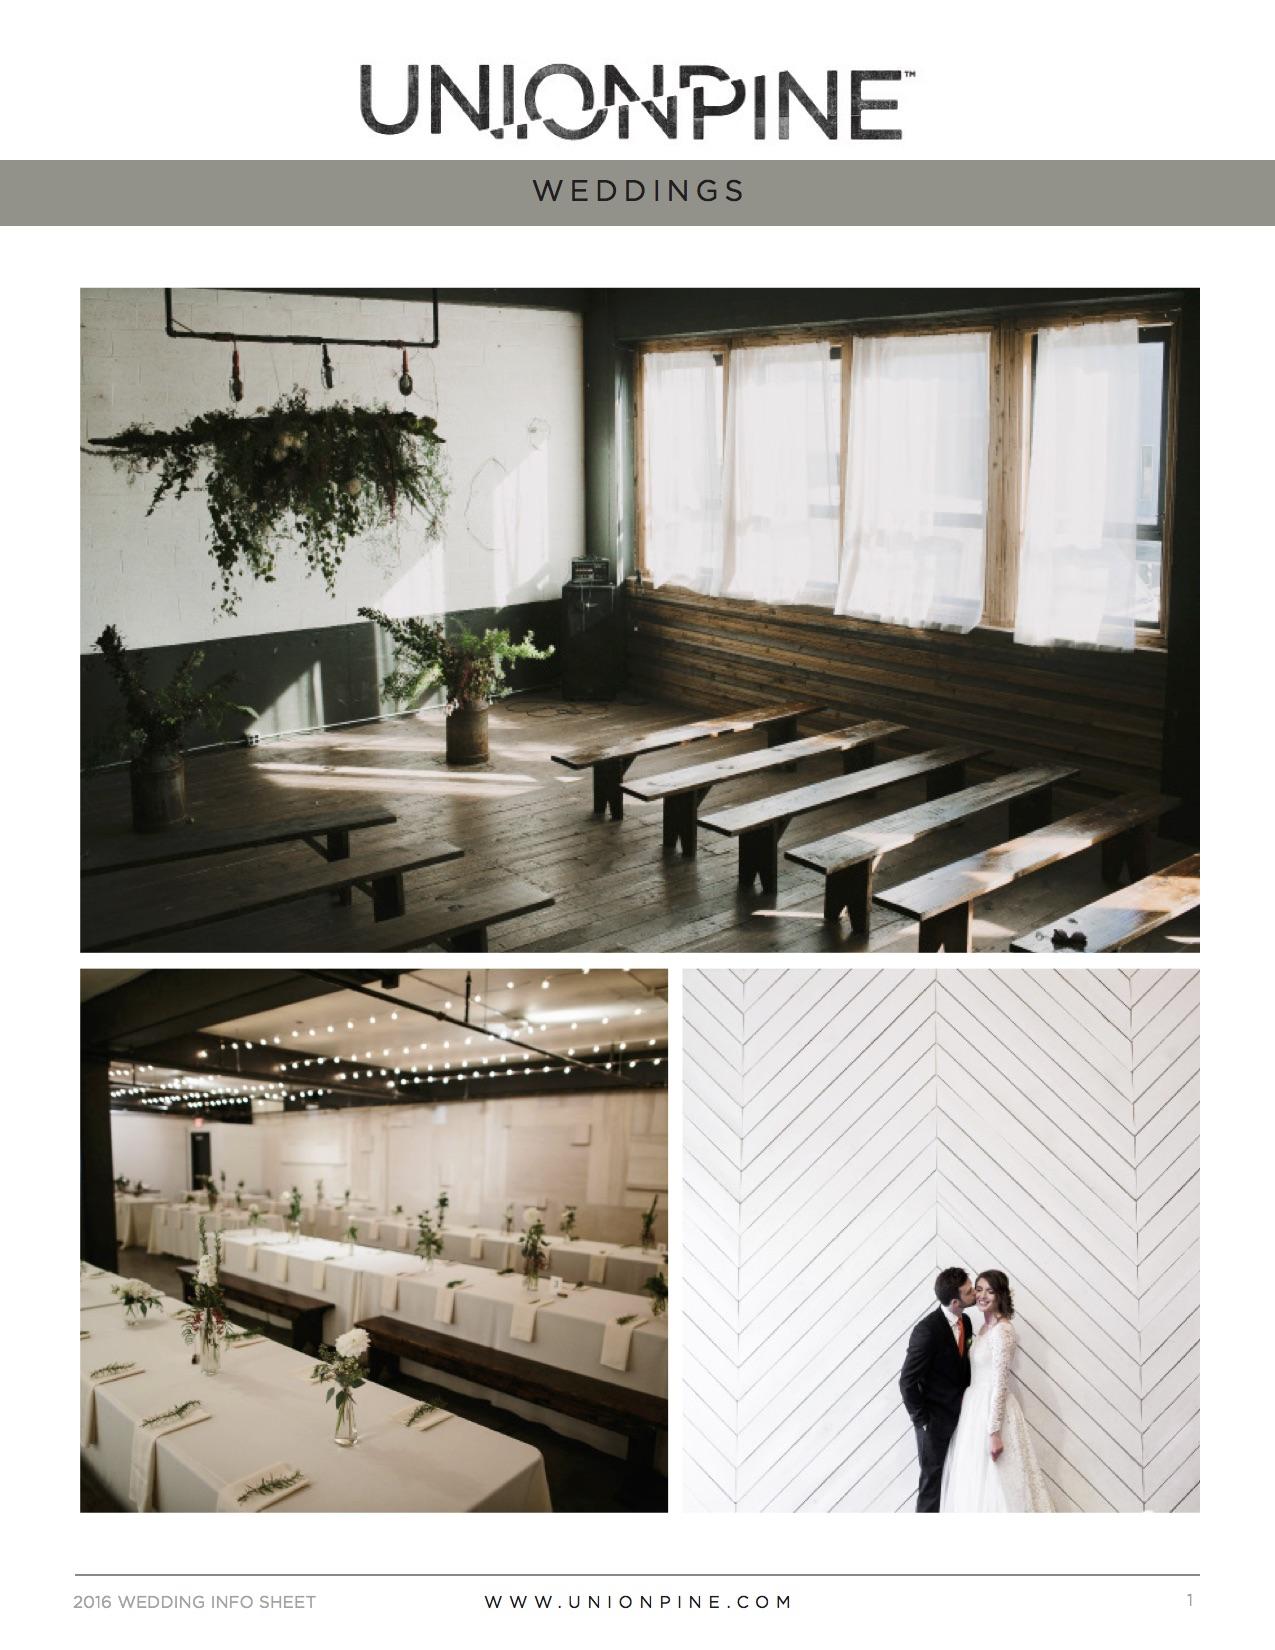 UP_Info Sheet Wedding PACKET PHOTO.jpg